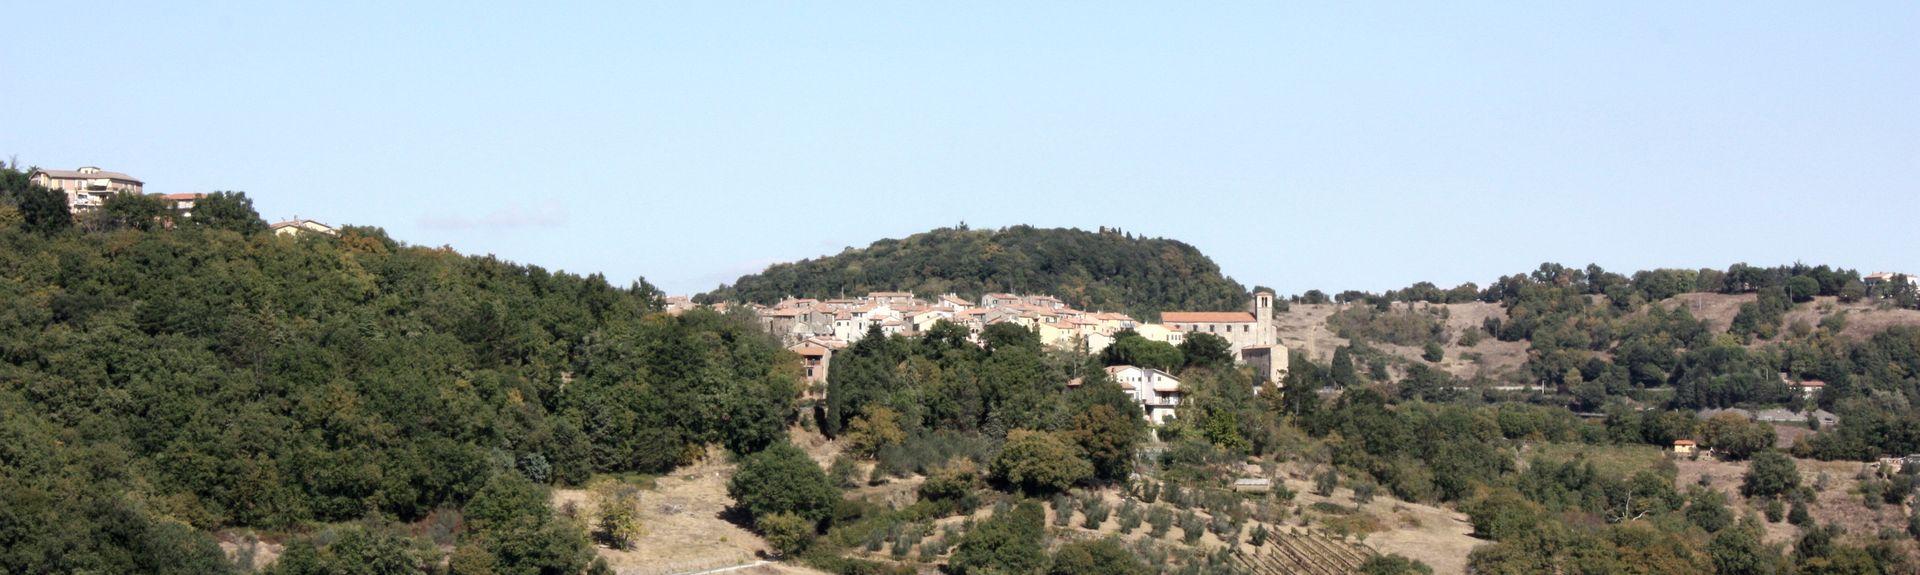 Casale Nuovo, Toscana, Italien